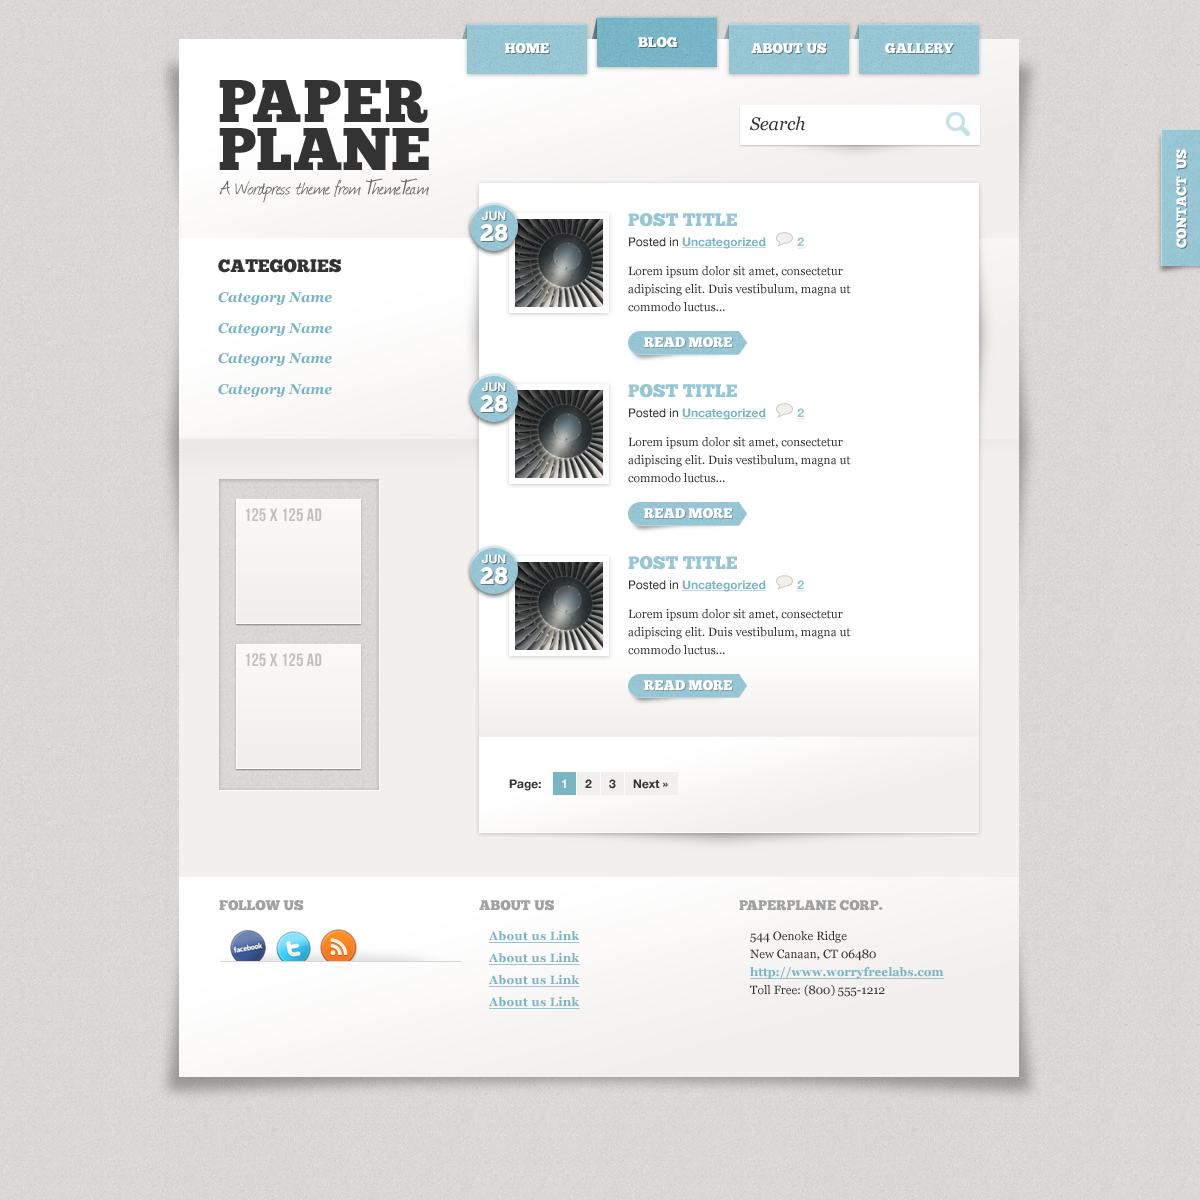 Paper Plane Wordpress Theme